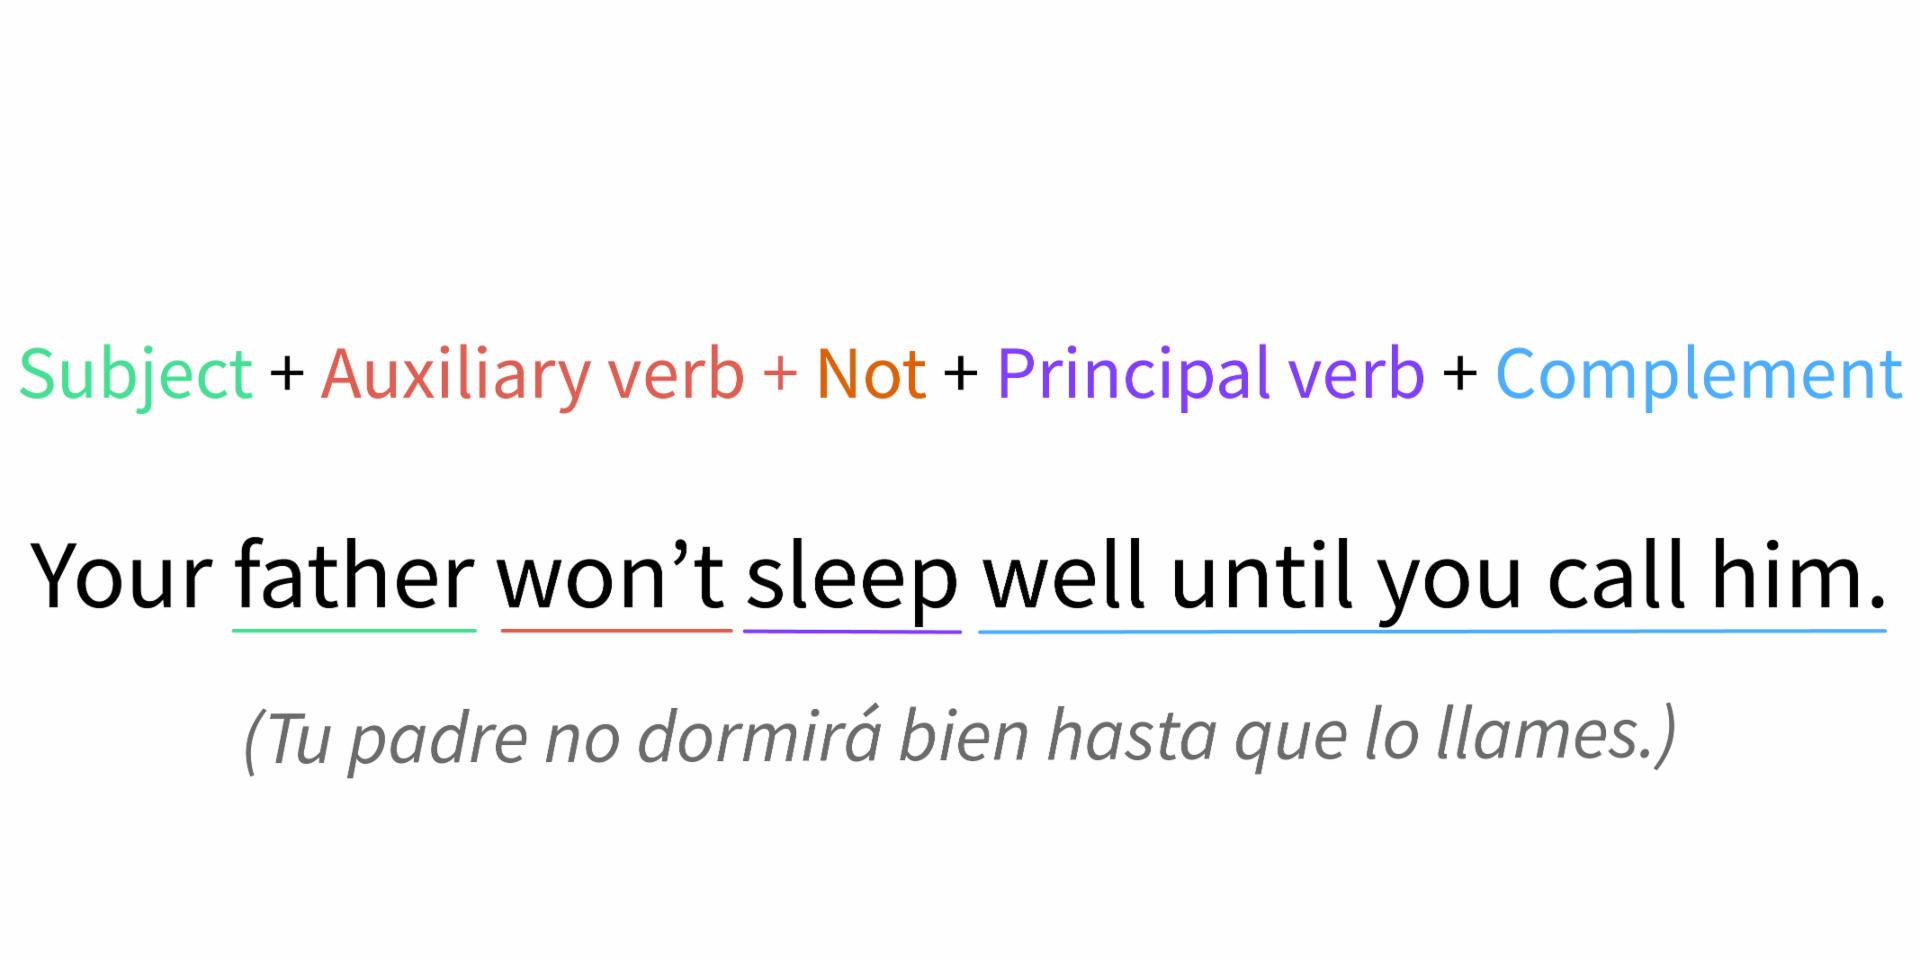 Estructura de una oración formulada en tiempo futuro simple de forma negativa.